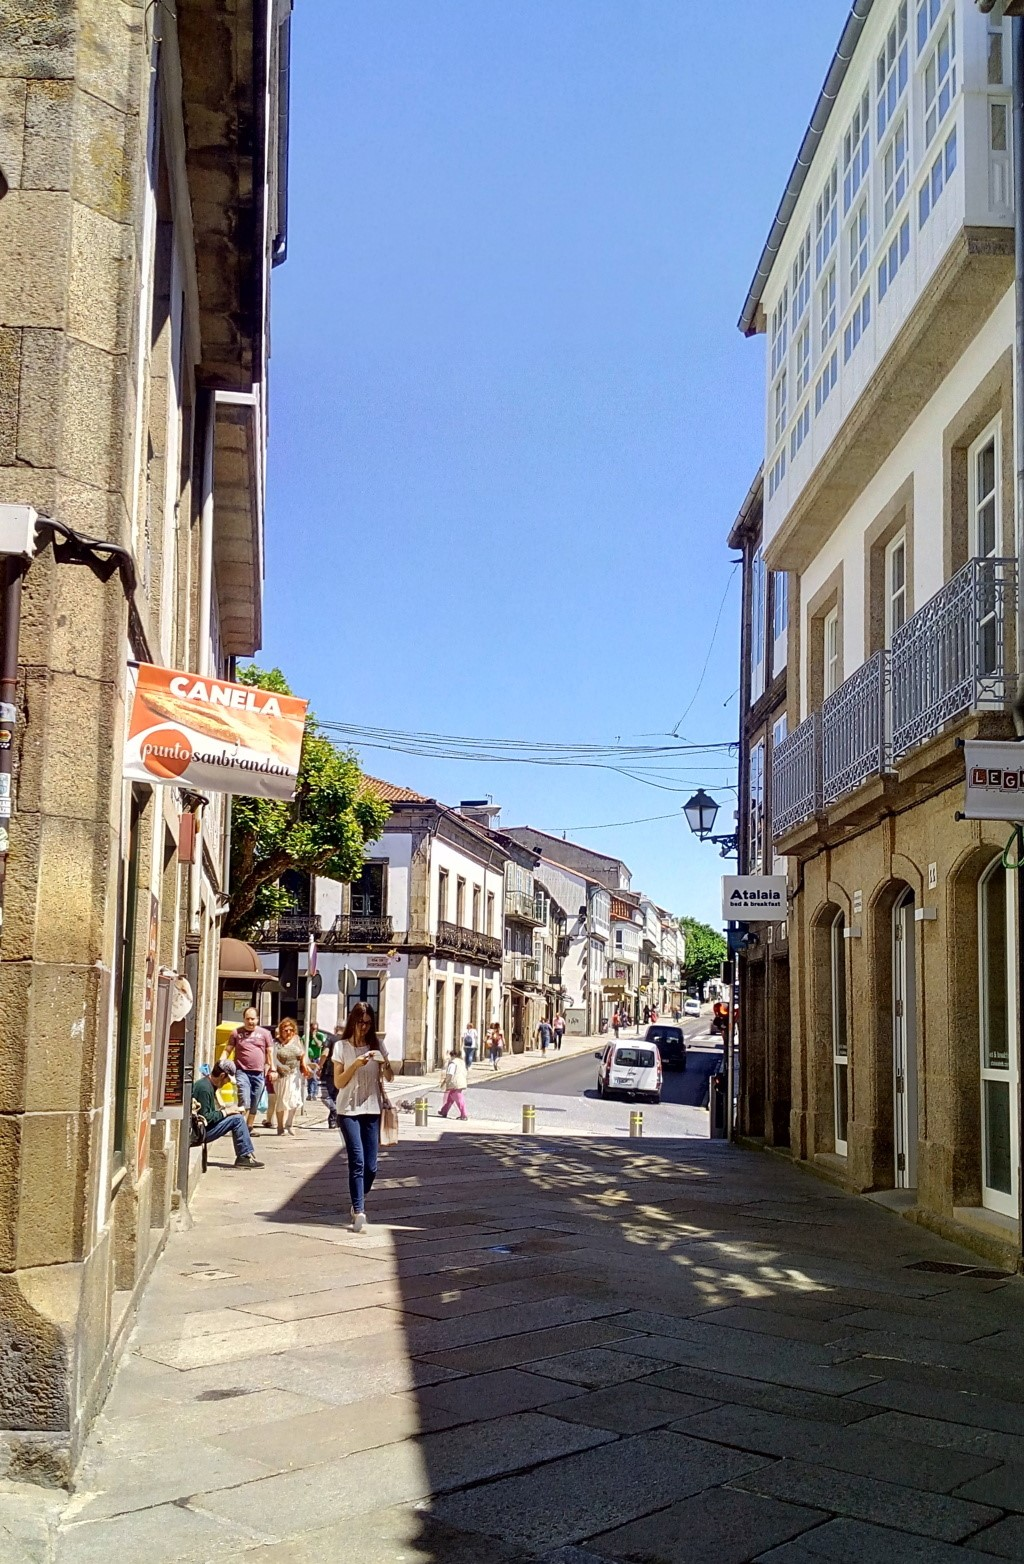 Foto 7 - Llegando a la plaza de San Roque